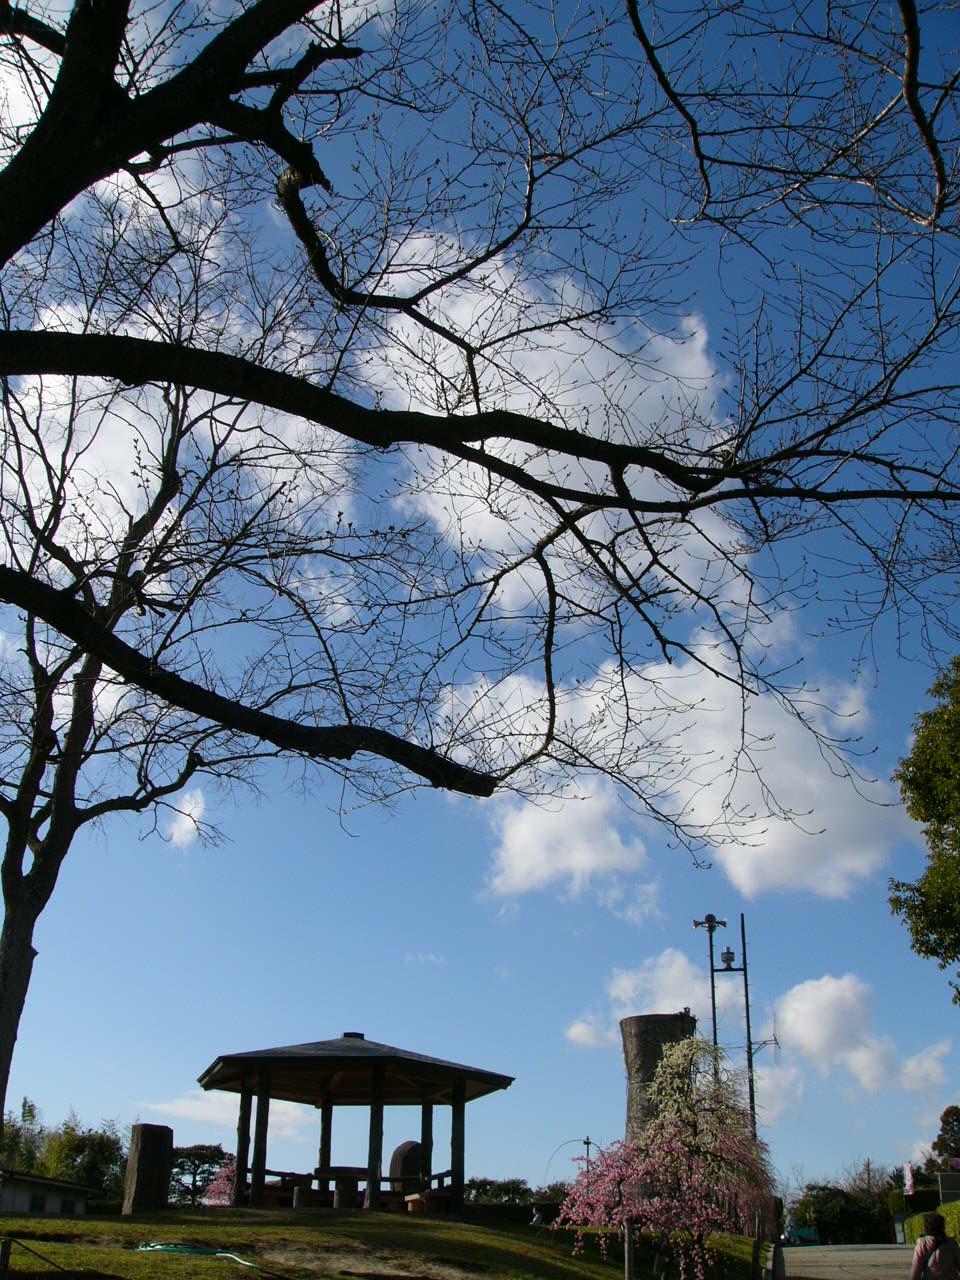 pohon tanpa daun in islamologi renungan on februari 24 2007 at 12 27 ...